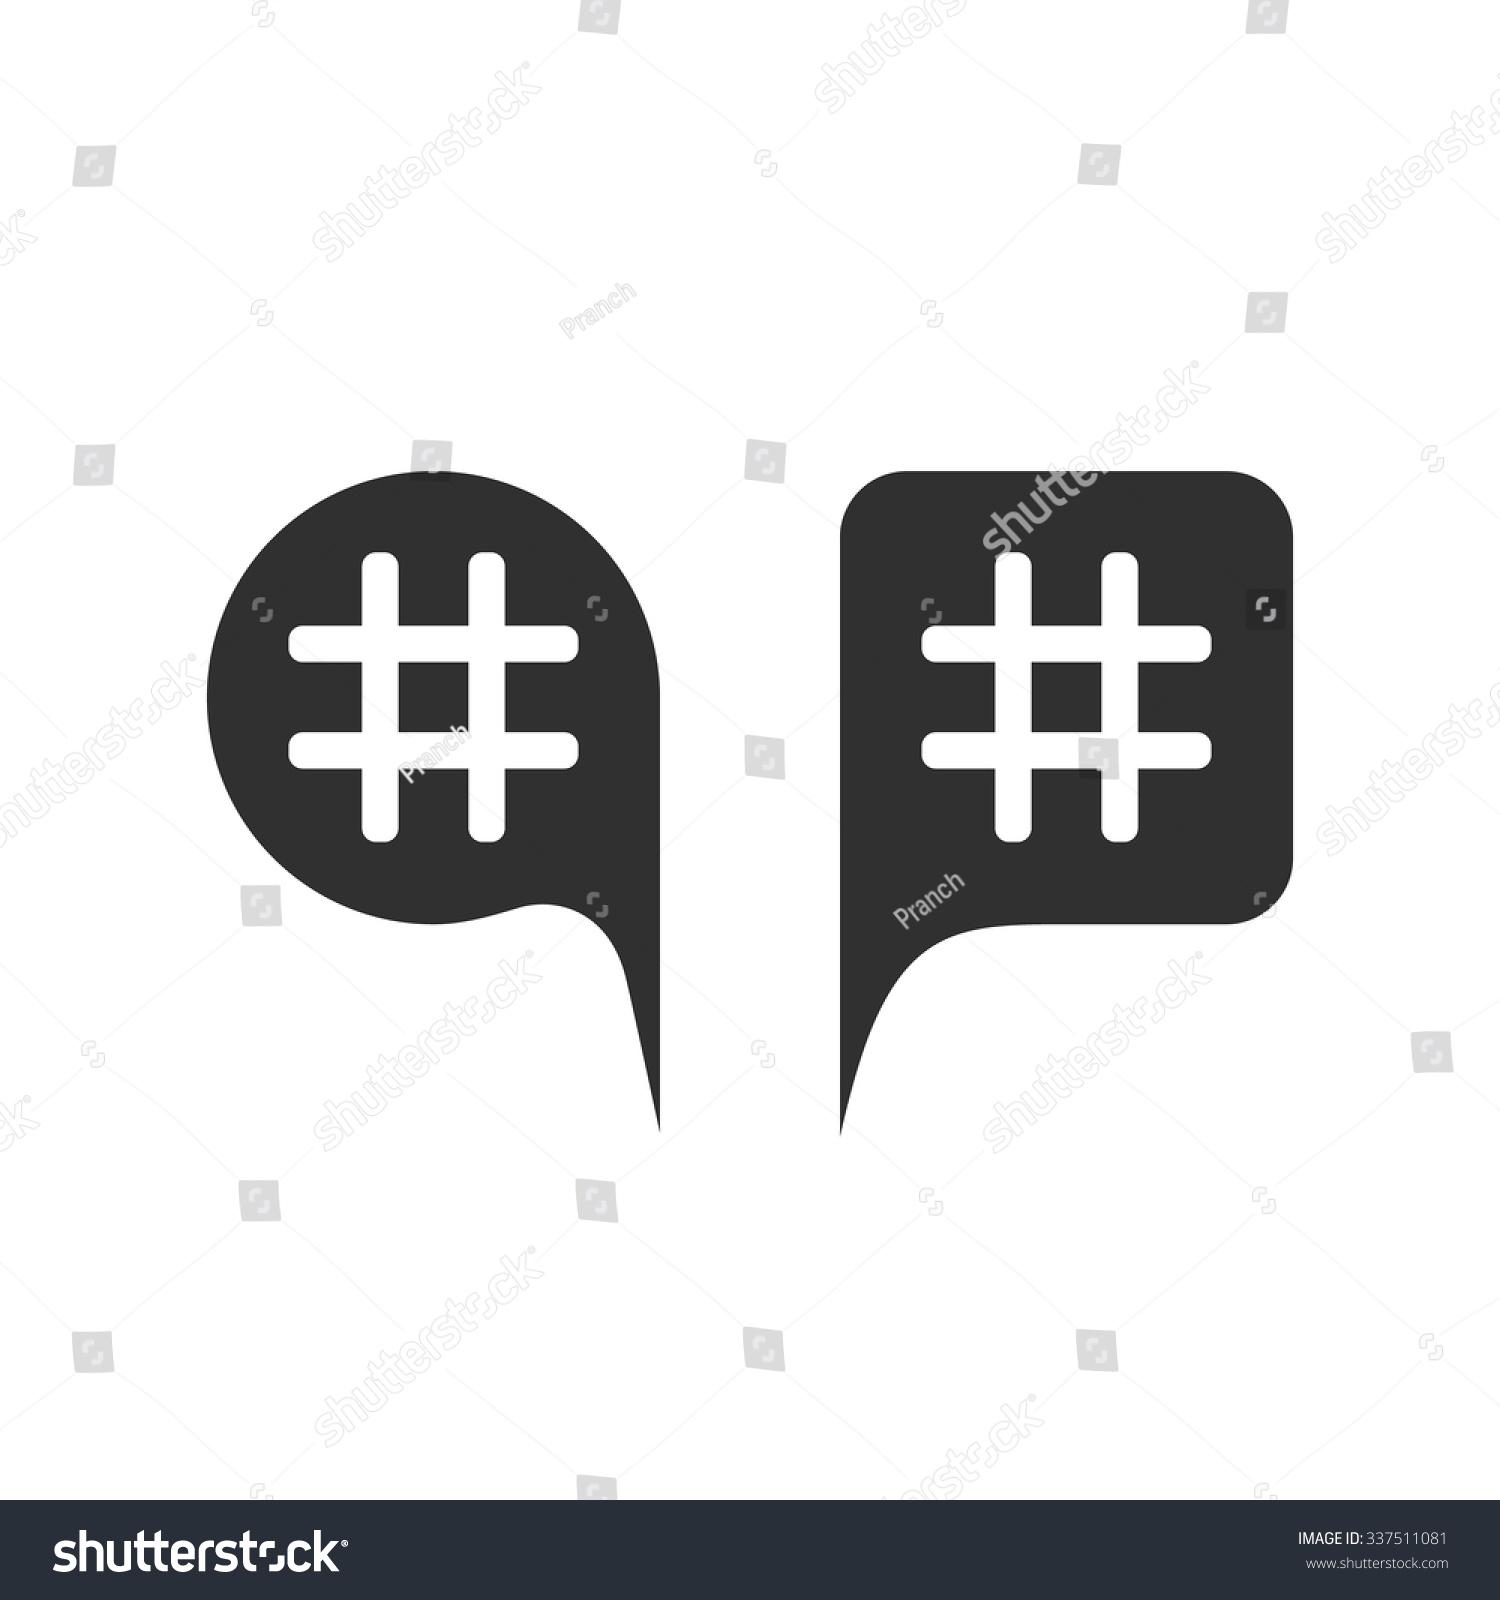 Hashtag Black Speech Bubbles Concept Micro Stock Vector 337511081